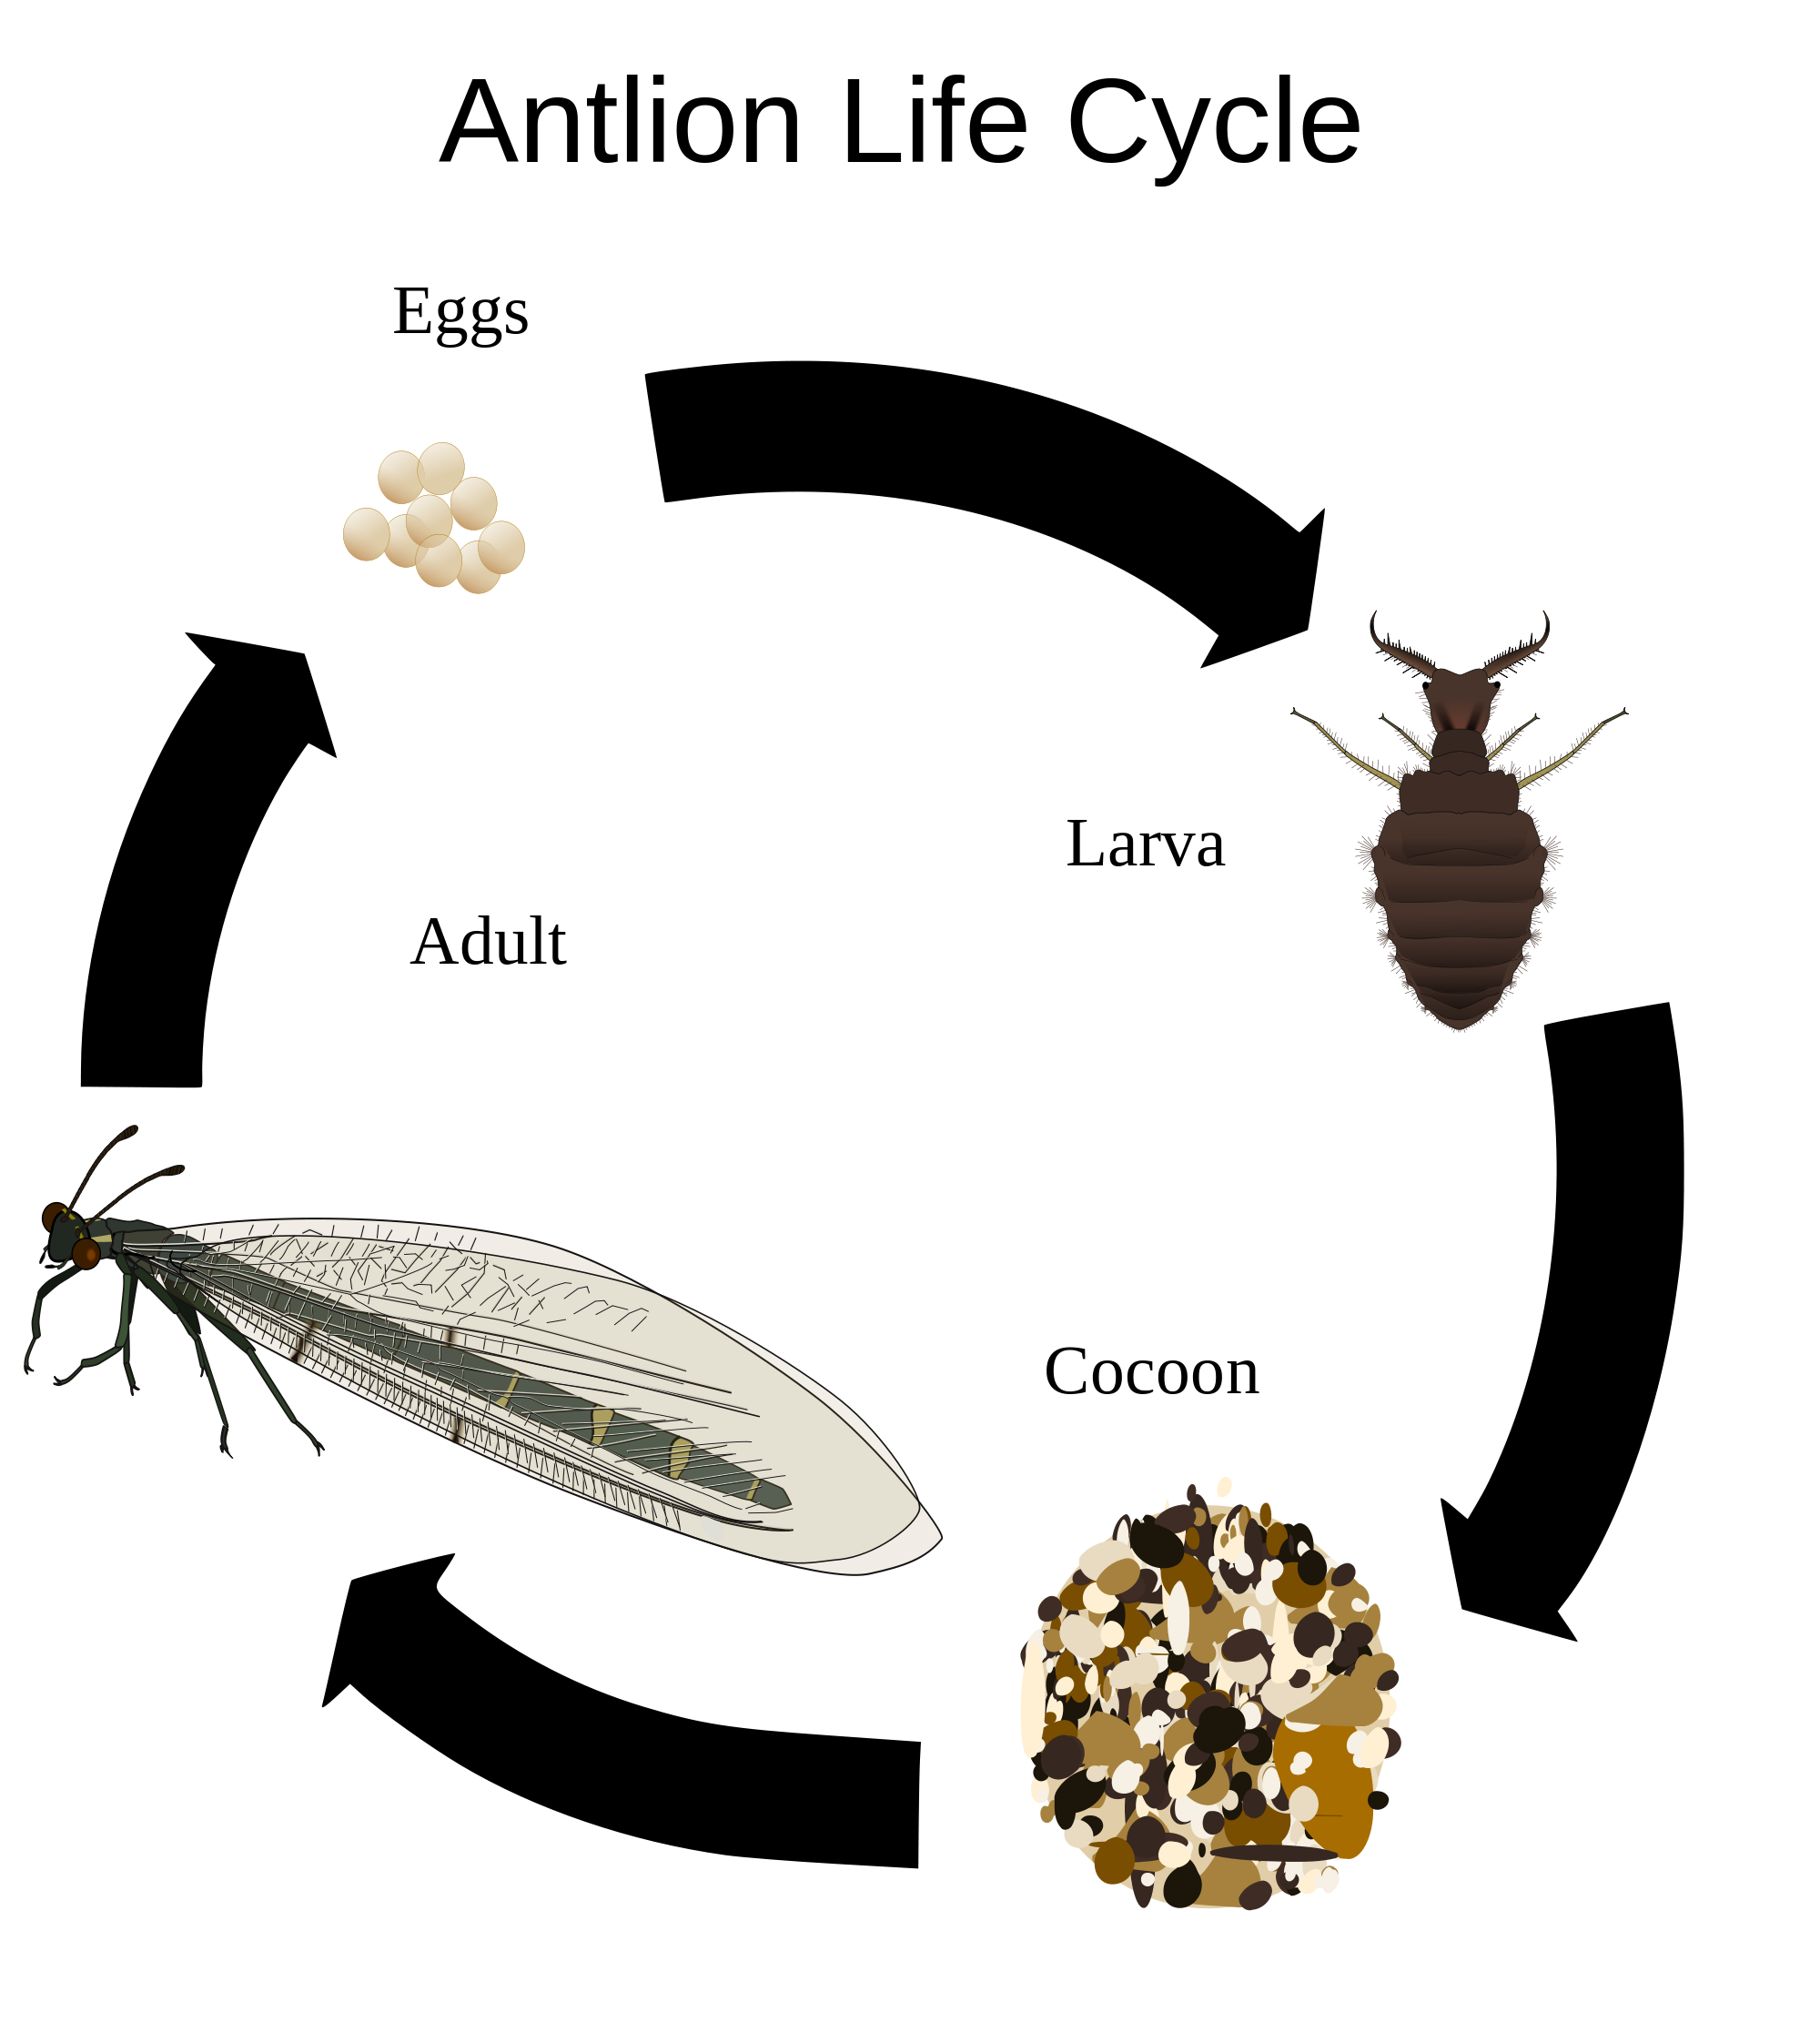 Bug Observation Worksheet